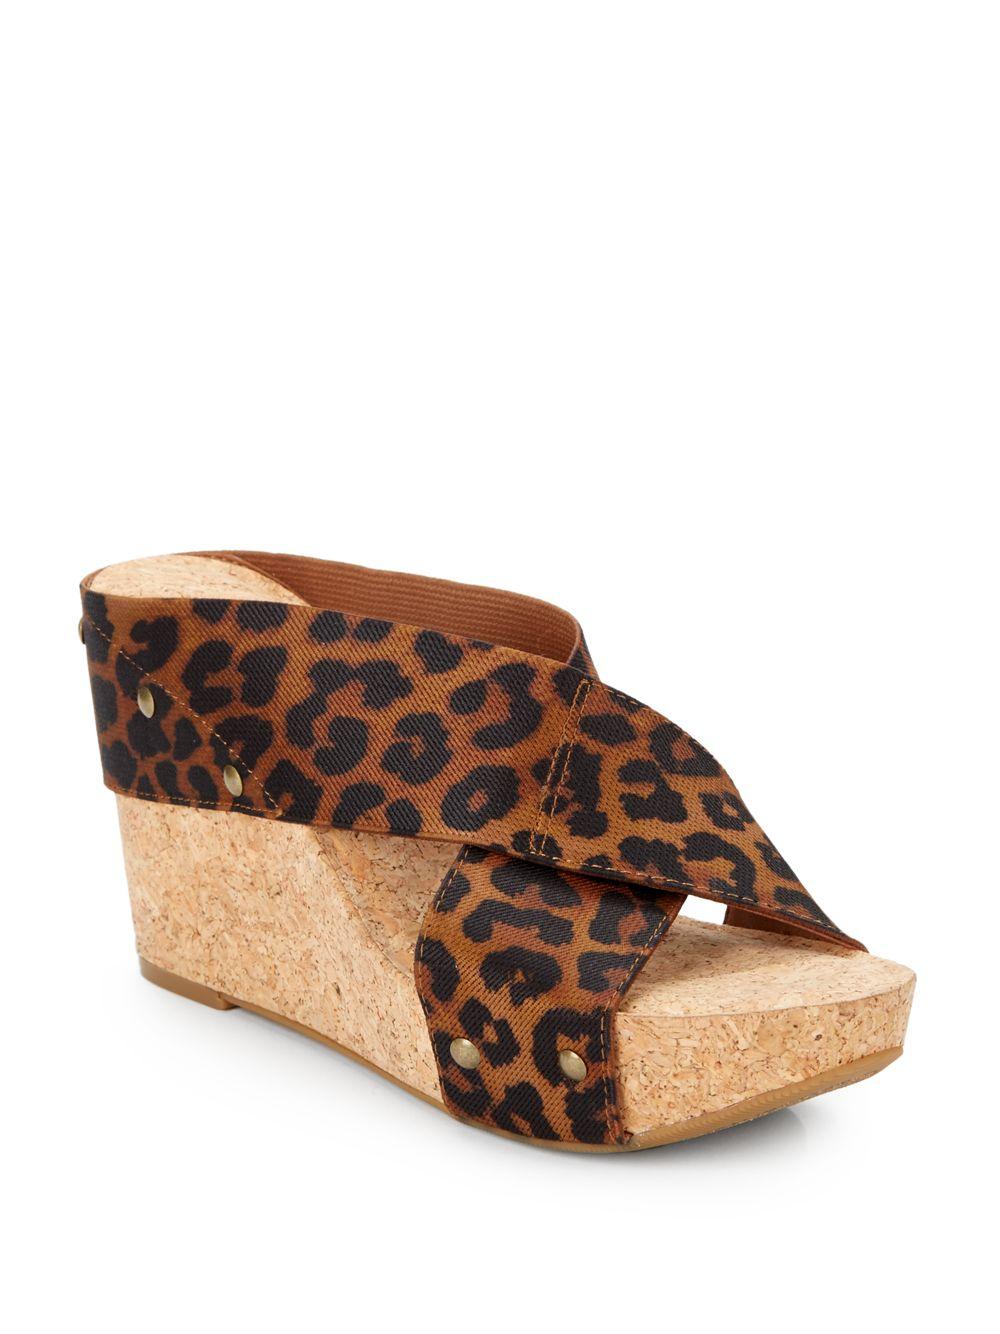 3a873c9b44f Lyst - Lucky Brand Miller 2 Leopard-Print Crisscross Wedge Sandals